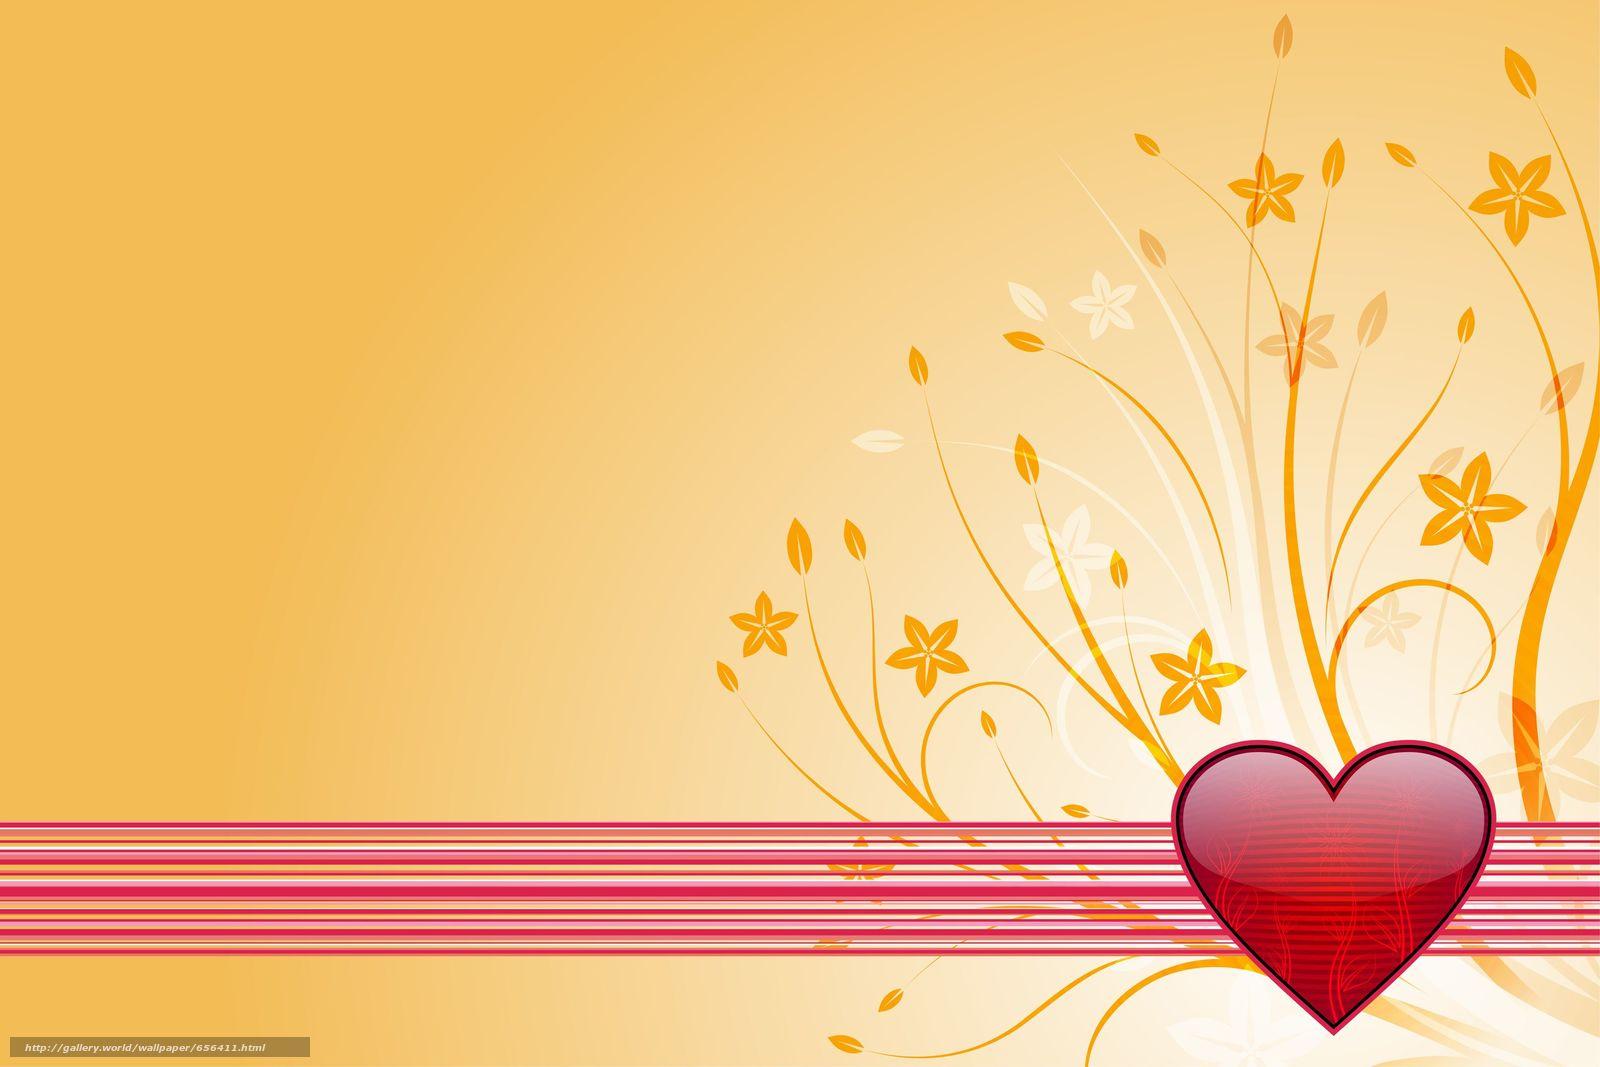 Скачать обои обои от Kisenok,  день святого валентина,  день всех влюбленных,  праздник бесплатно для рабочего стола в разрешении 3000x2000 — картинка №656411